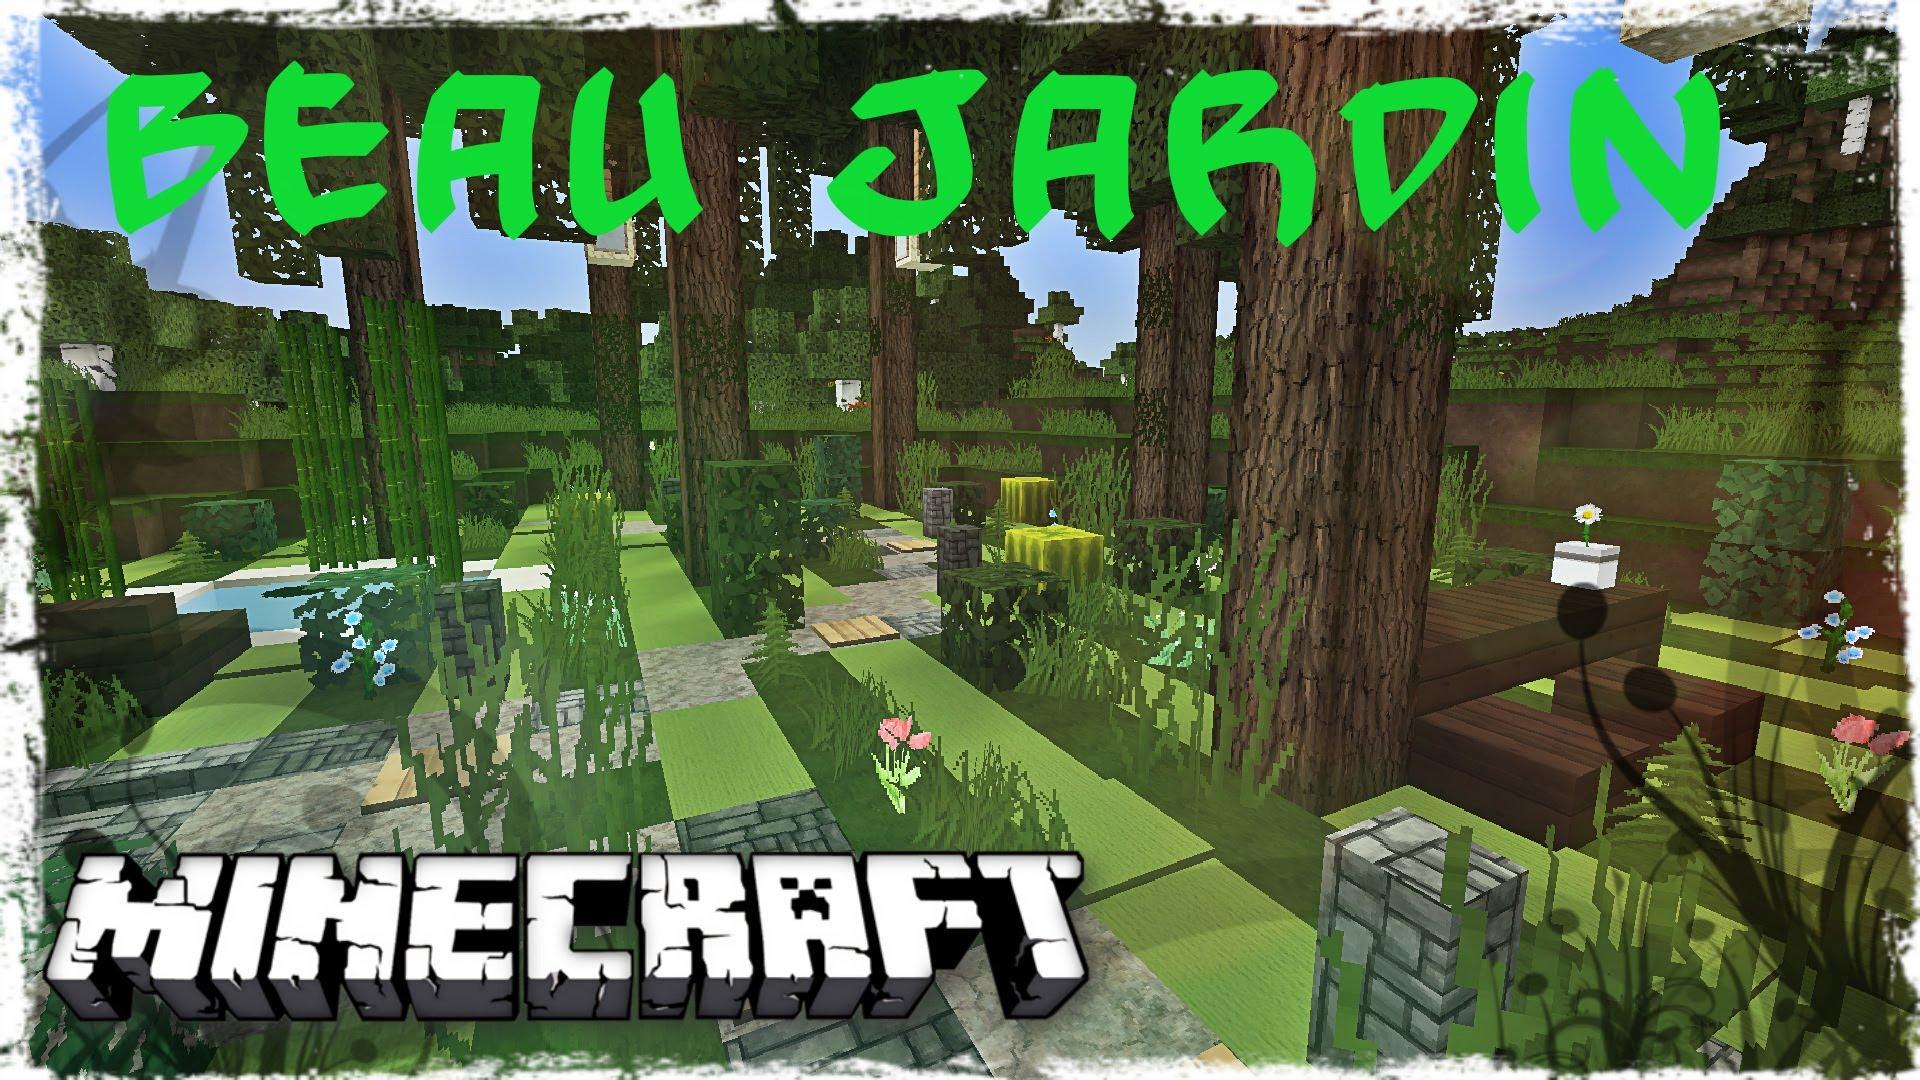 Jardin Japonais Minecraft Frais Image Faire Un Jardin Anglais Ide Dco Jardin Ment Crer Un Anglais